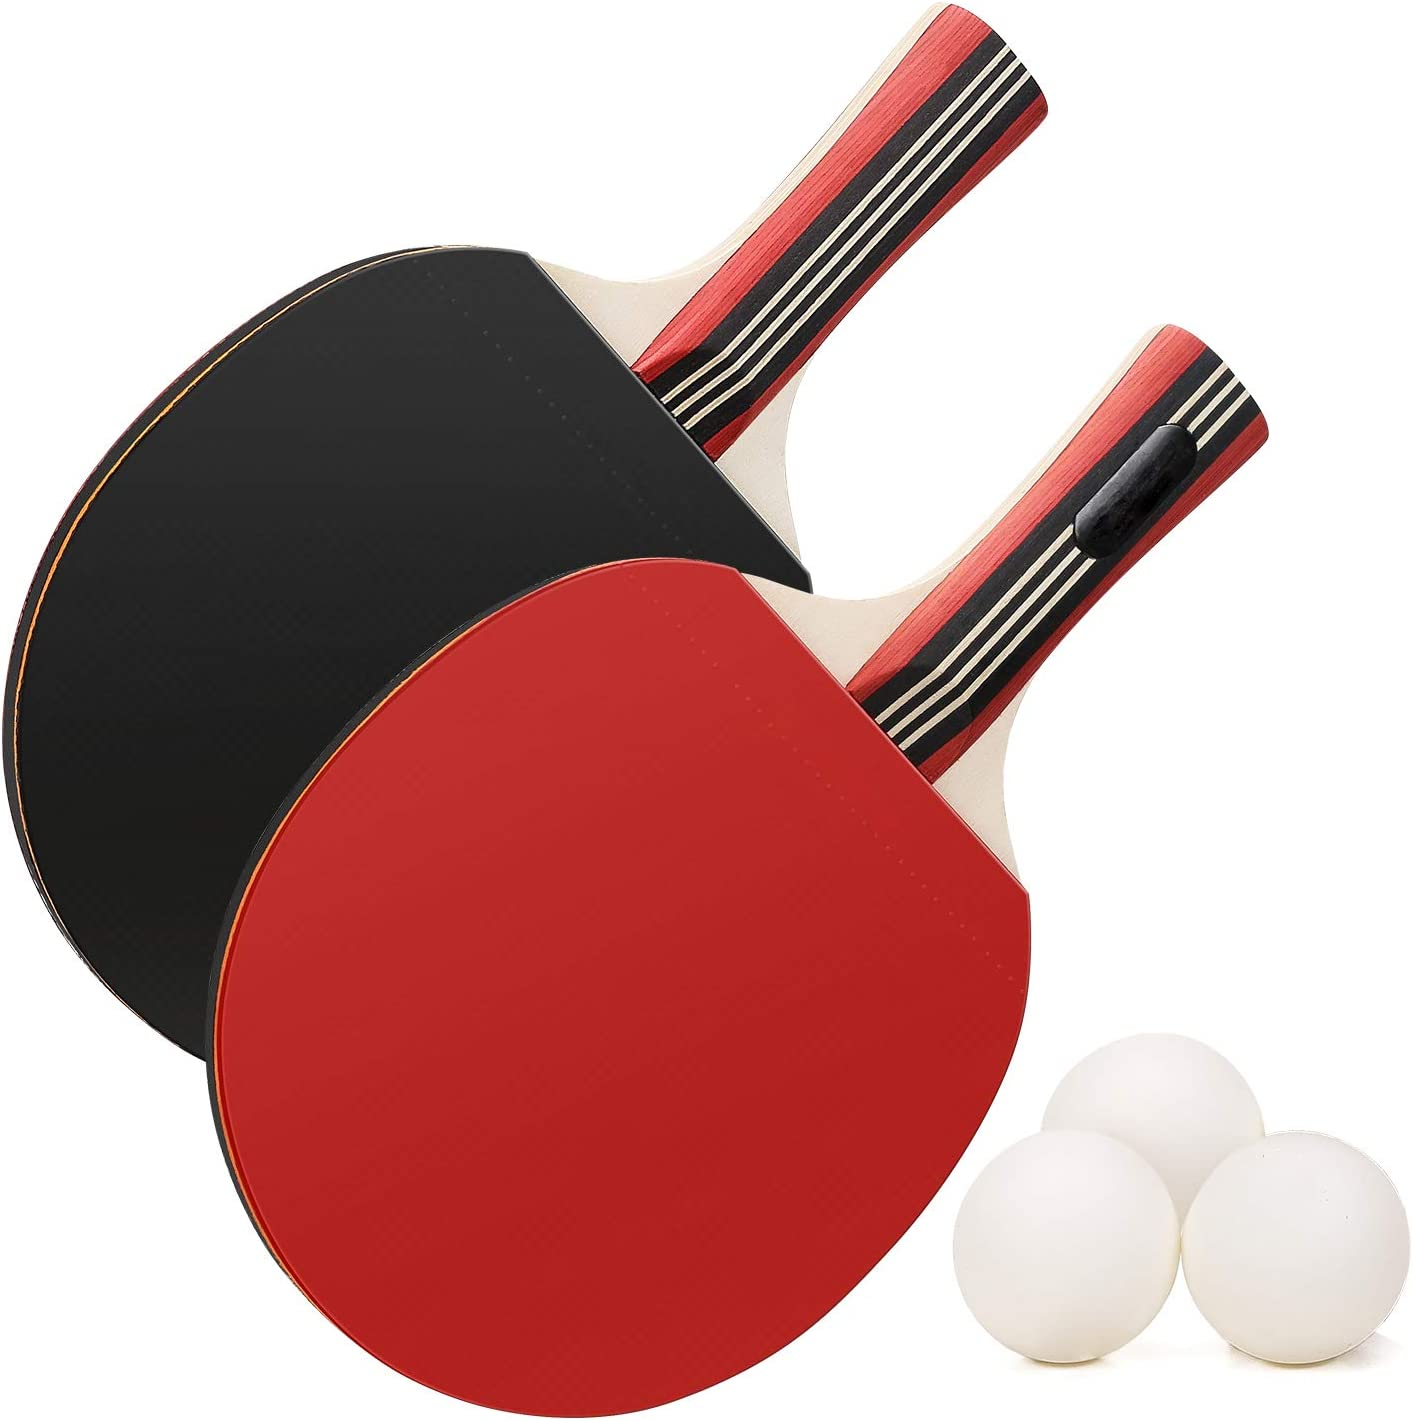 Toumett - Juego de raquetas de tenis de mesa y pelotas de ping pong, con bolsas de transporte, 2 palas y 3 pelotas (agarres de las manos)